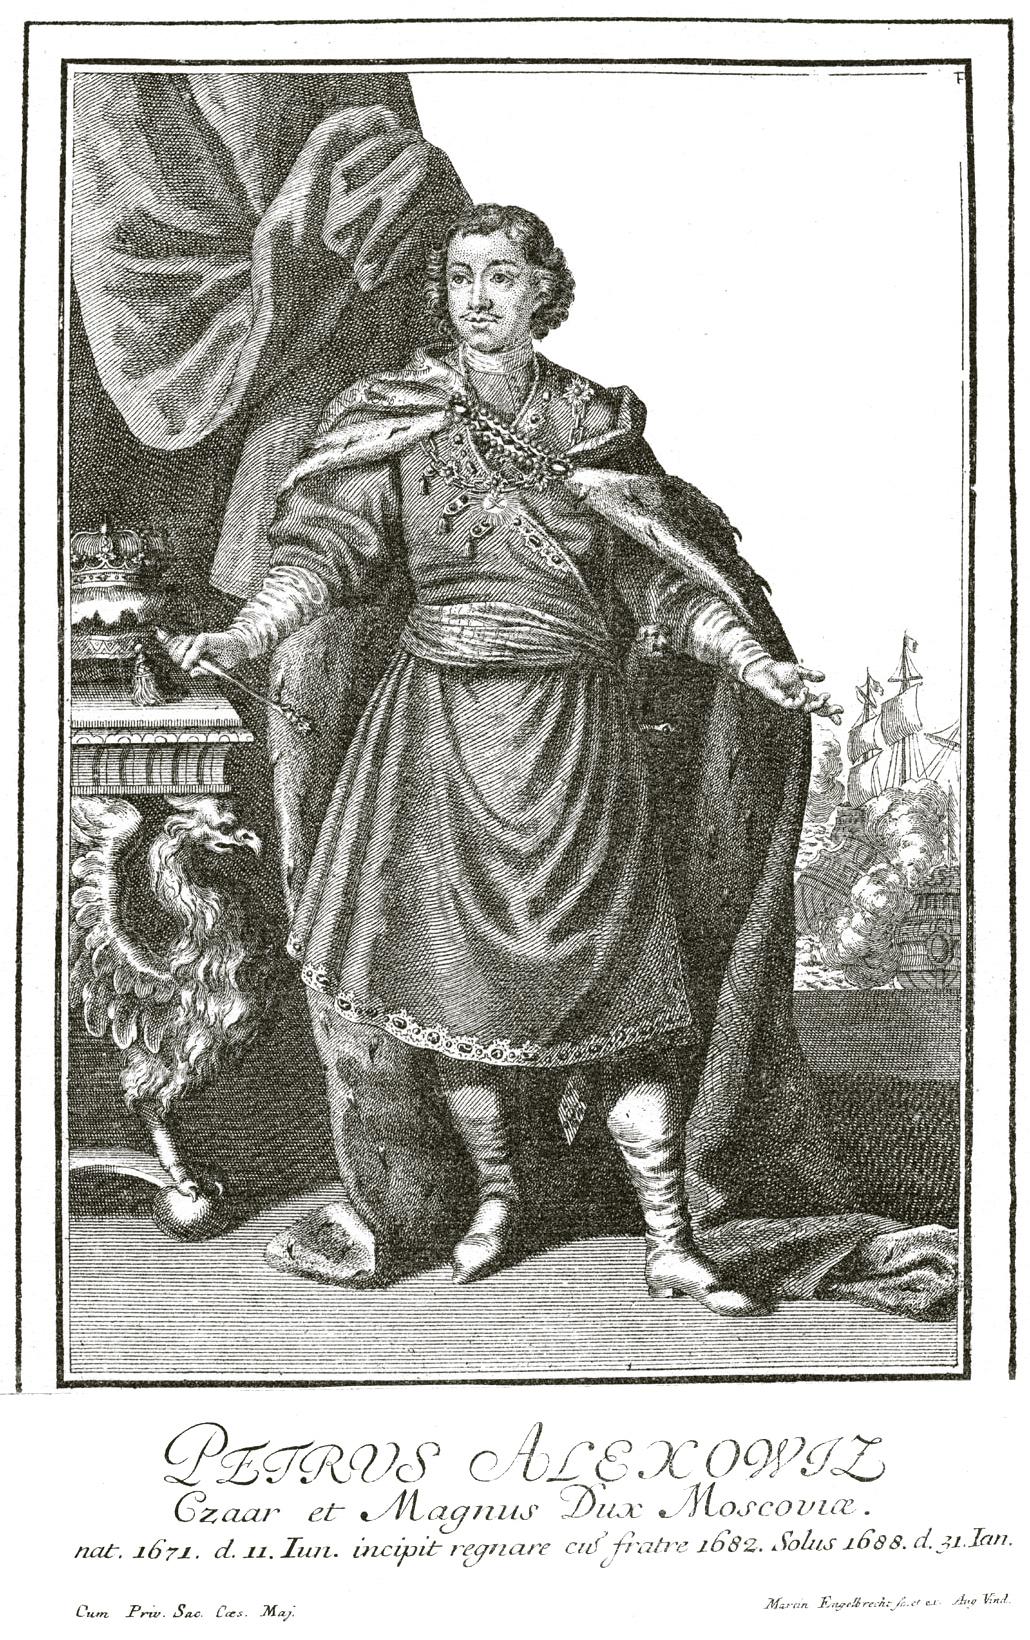 224. Портрет Петра I в кафтане, с непокрытой головой. Marlin Engelbrecht sc. et exc. Aug. Vind.